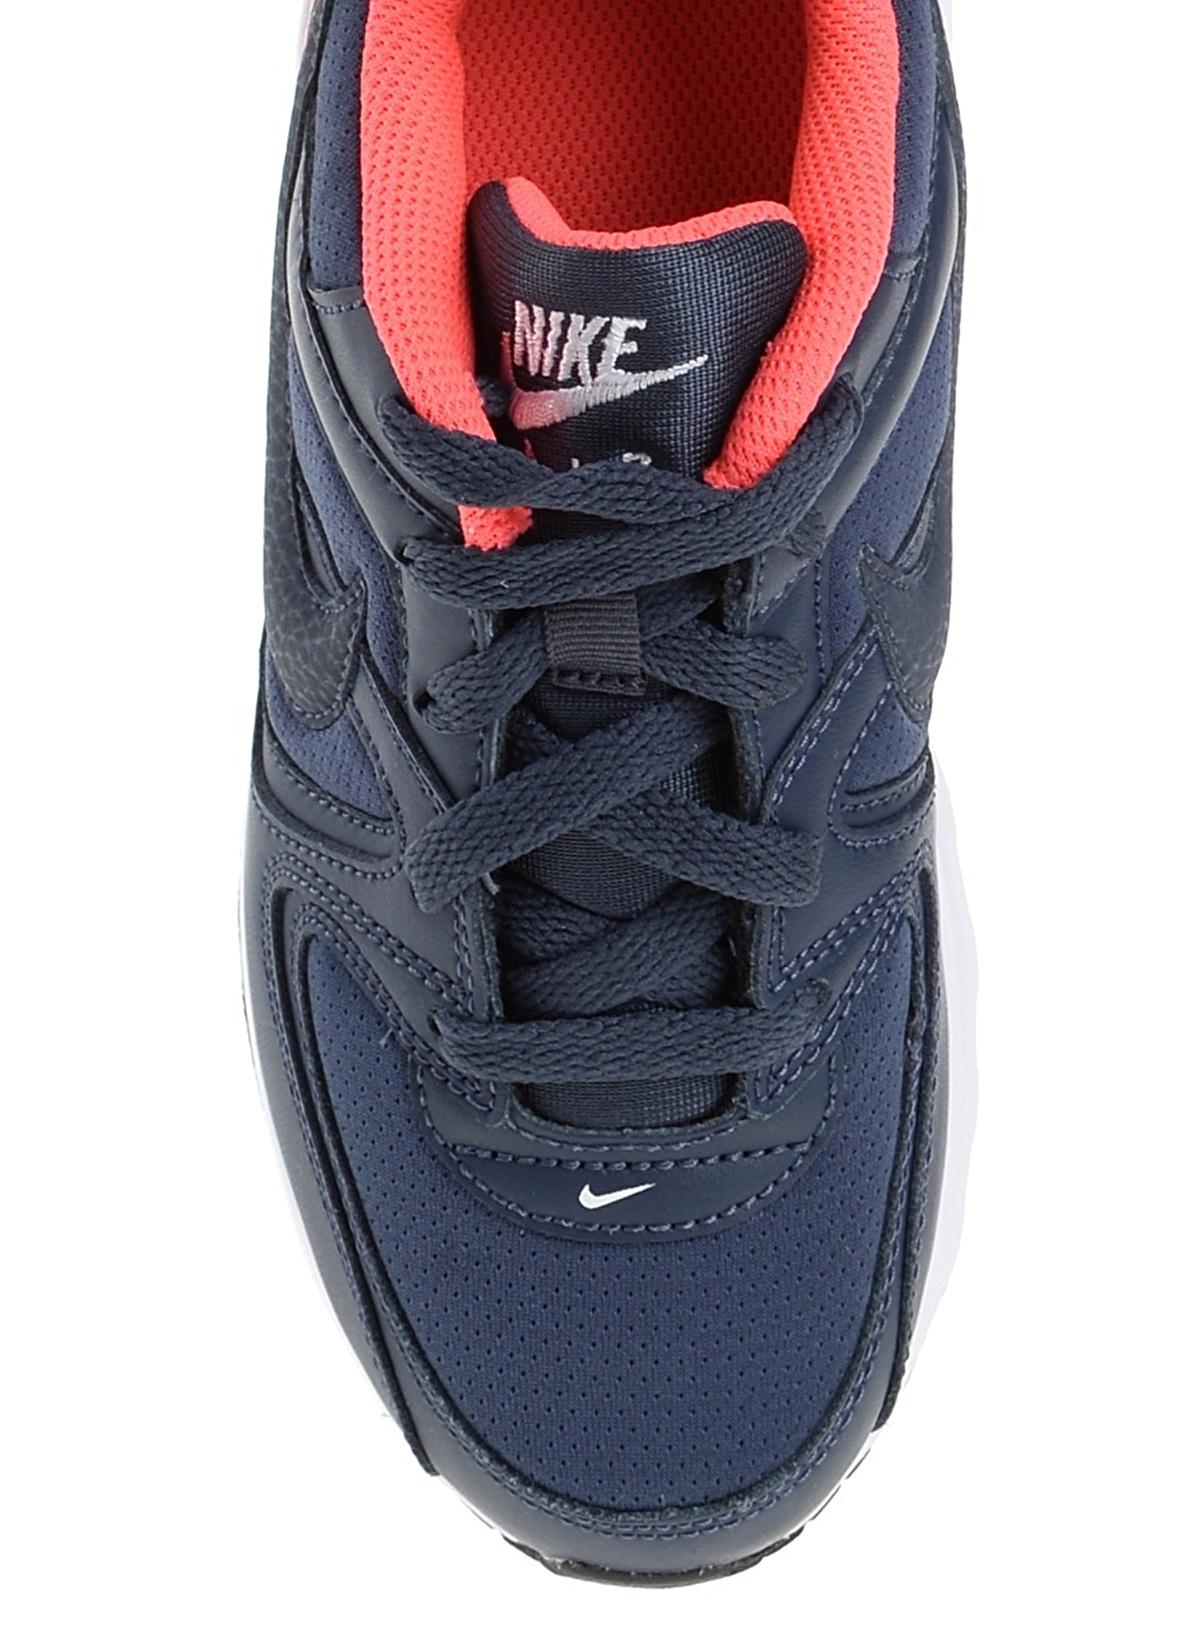 844350 400 Nike Air Max Command Flex (Ps,Thunder B